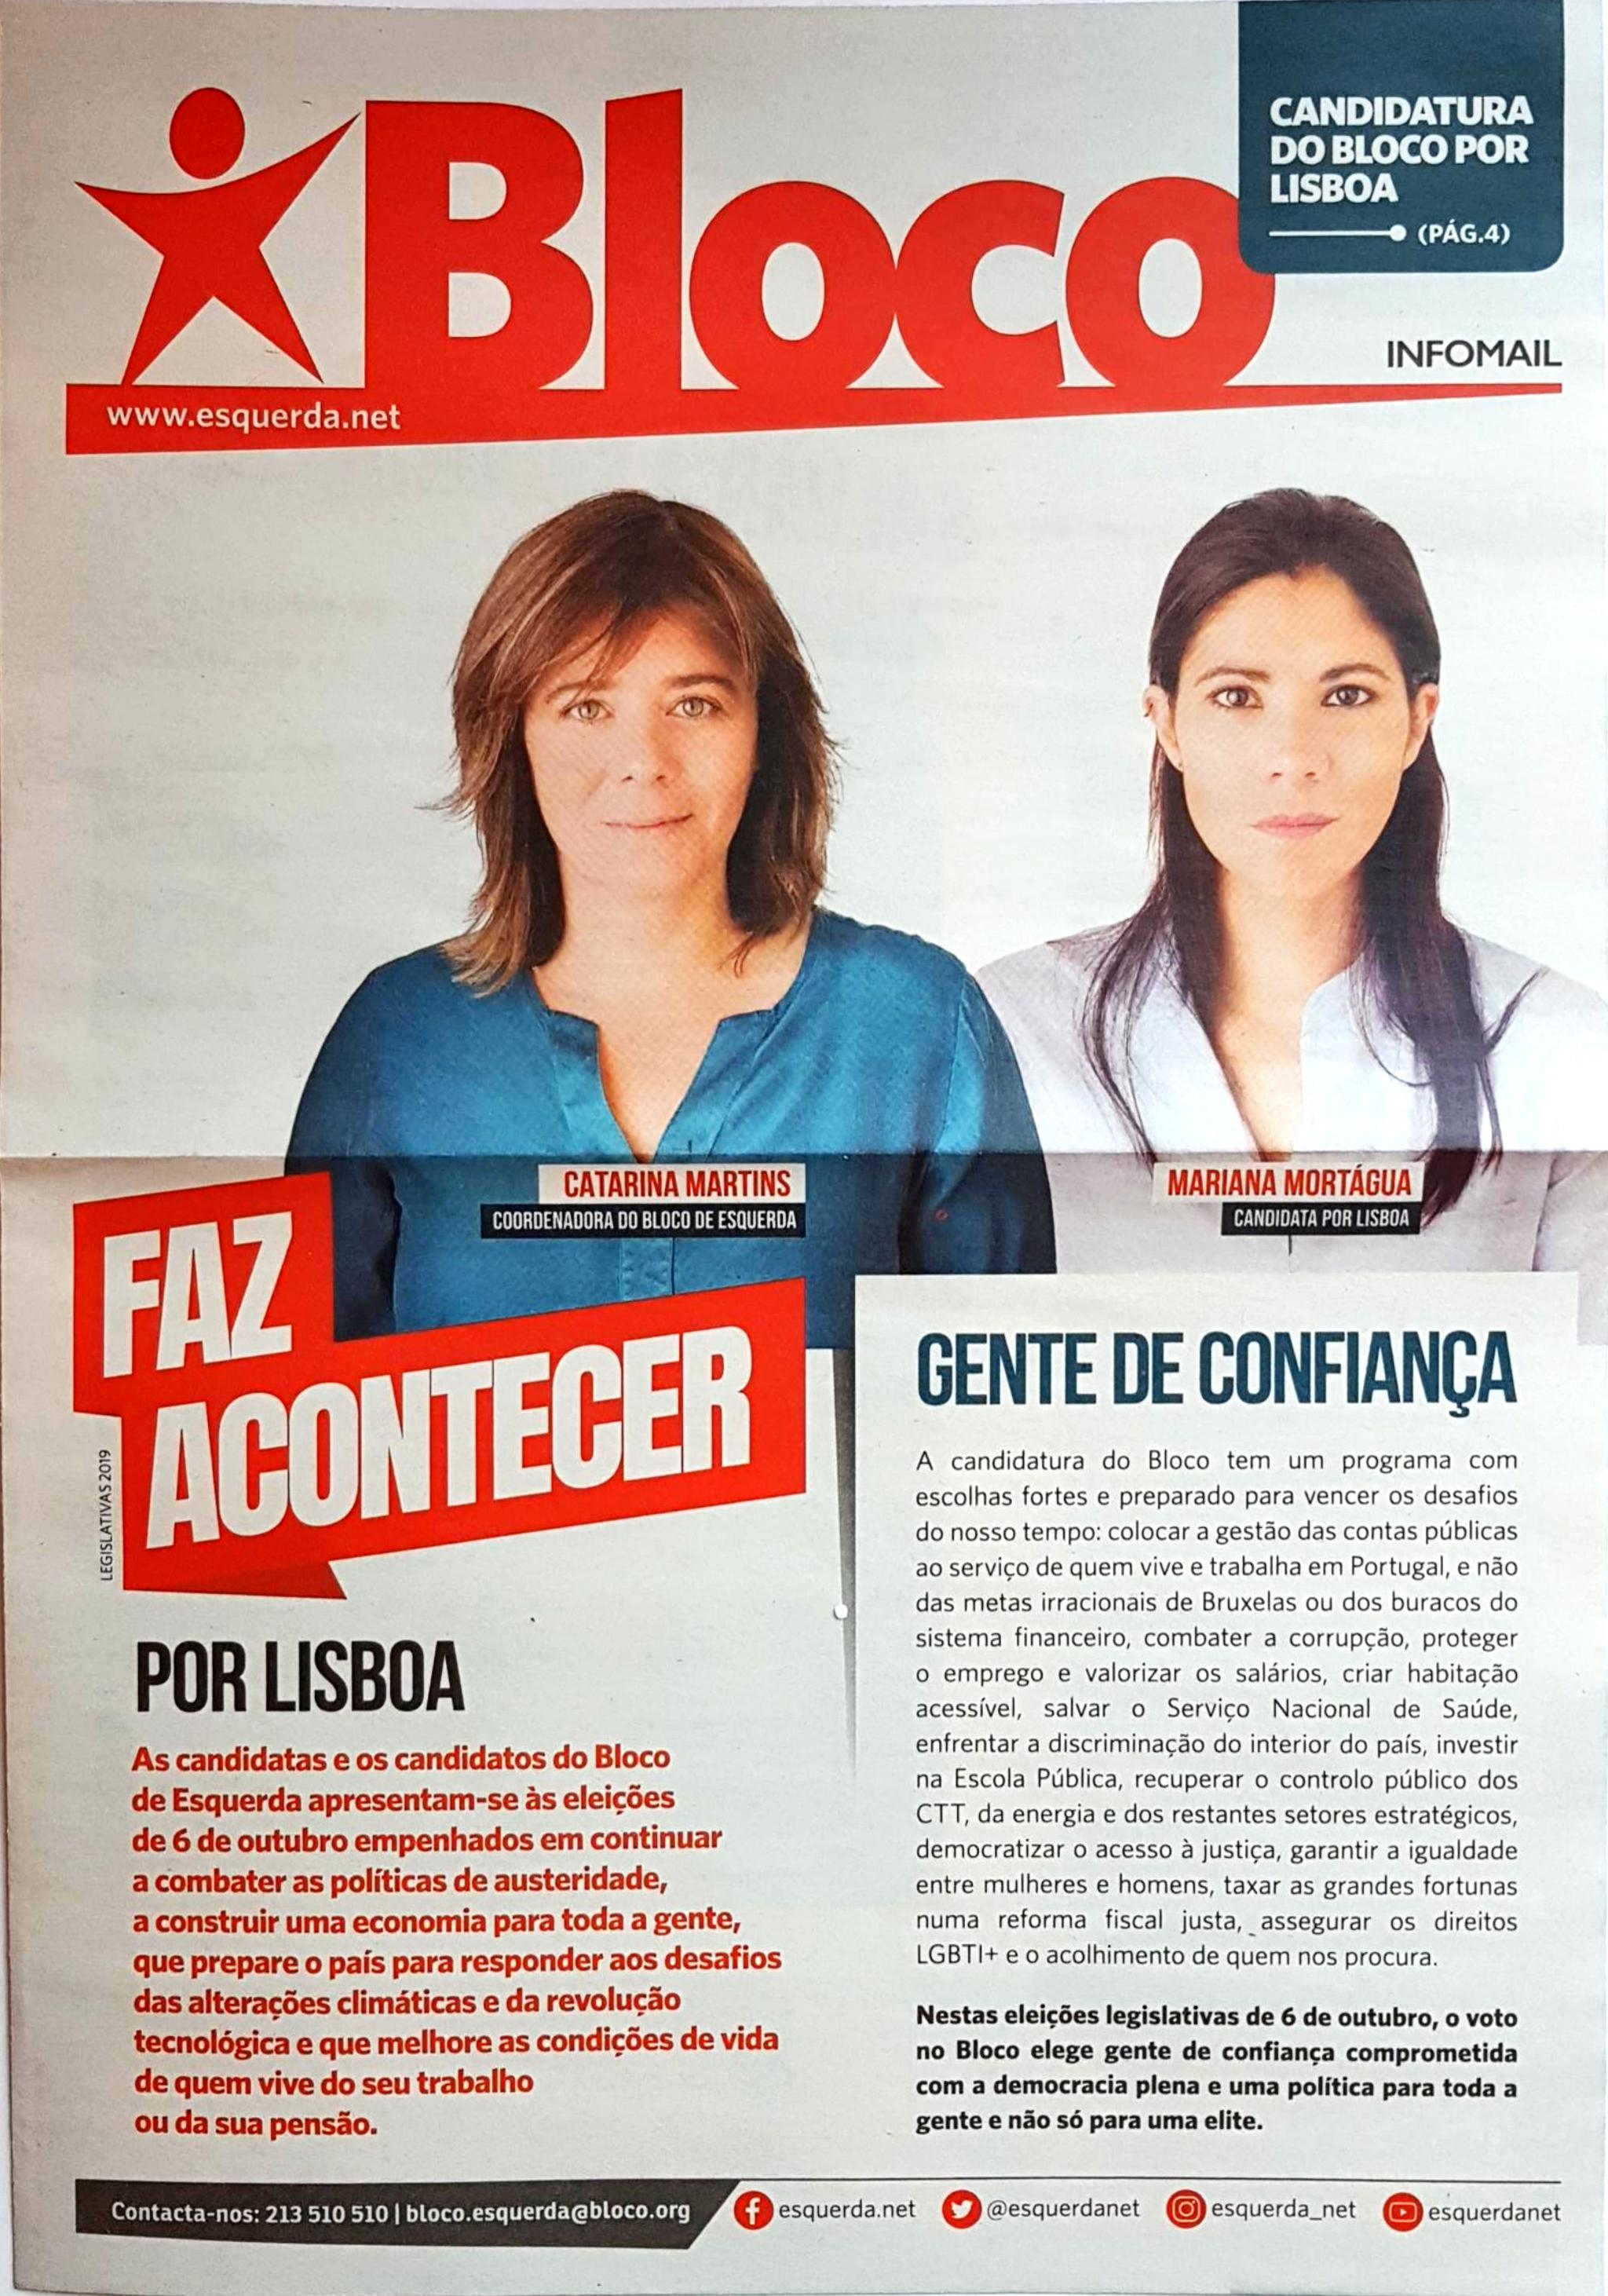 BE 2019 Lisboa